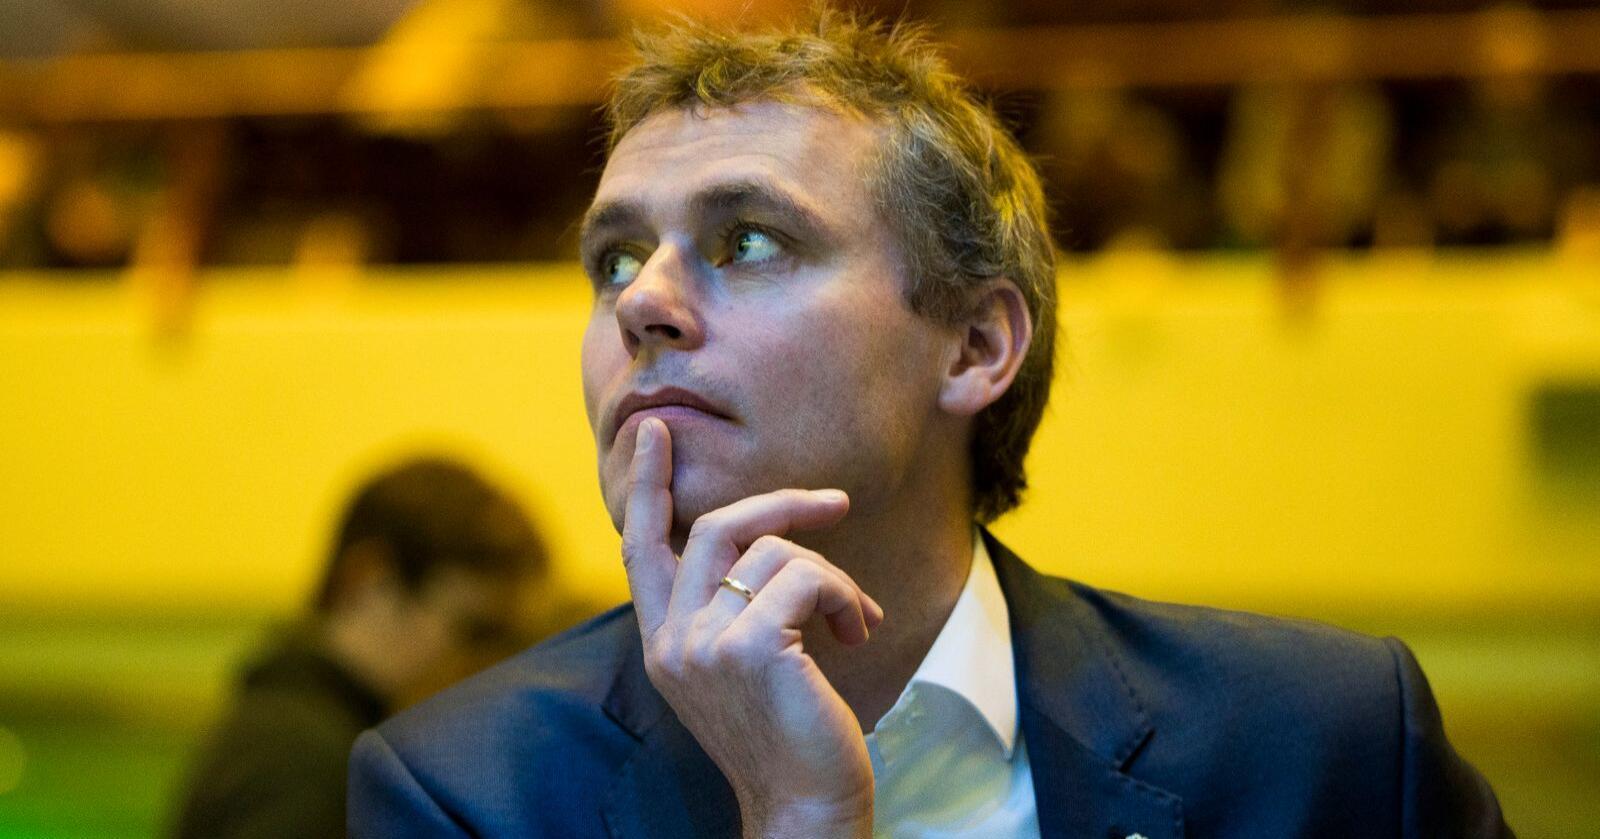 Senterpartiets nestleder Ola Borten Moe sier partiet har sterkt eierskap til iskanten der den går i dag. Bildet er fra landsmøtet i 2019. Foto: Terje Pedersen / NTB scanpix